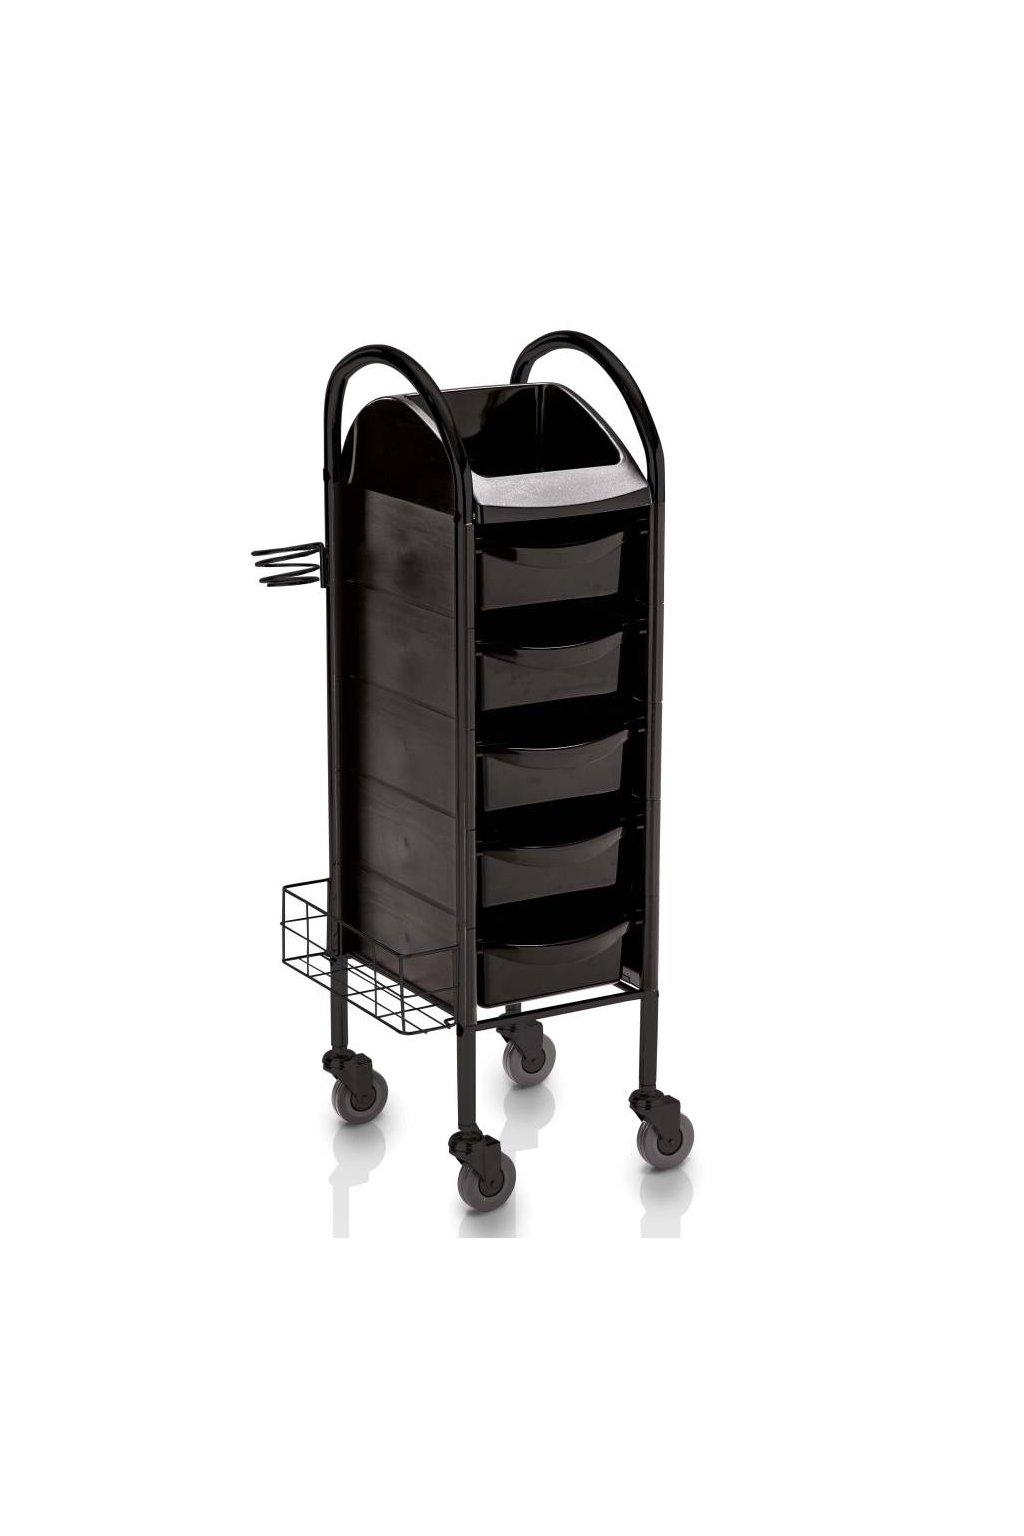 Kadeřnický vozík TECNO 100, 5 šuplíků (Barva Černá)